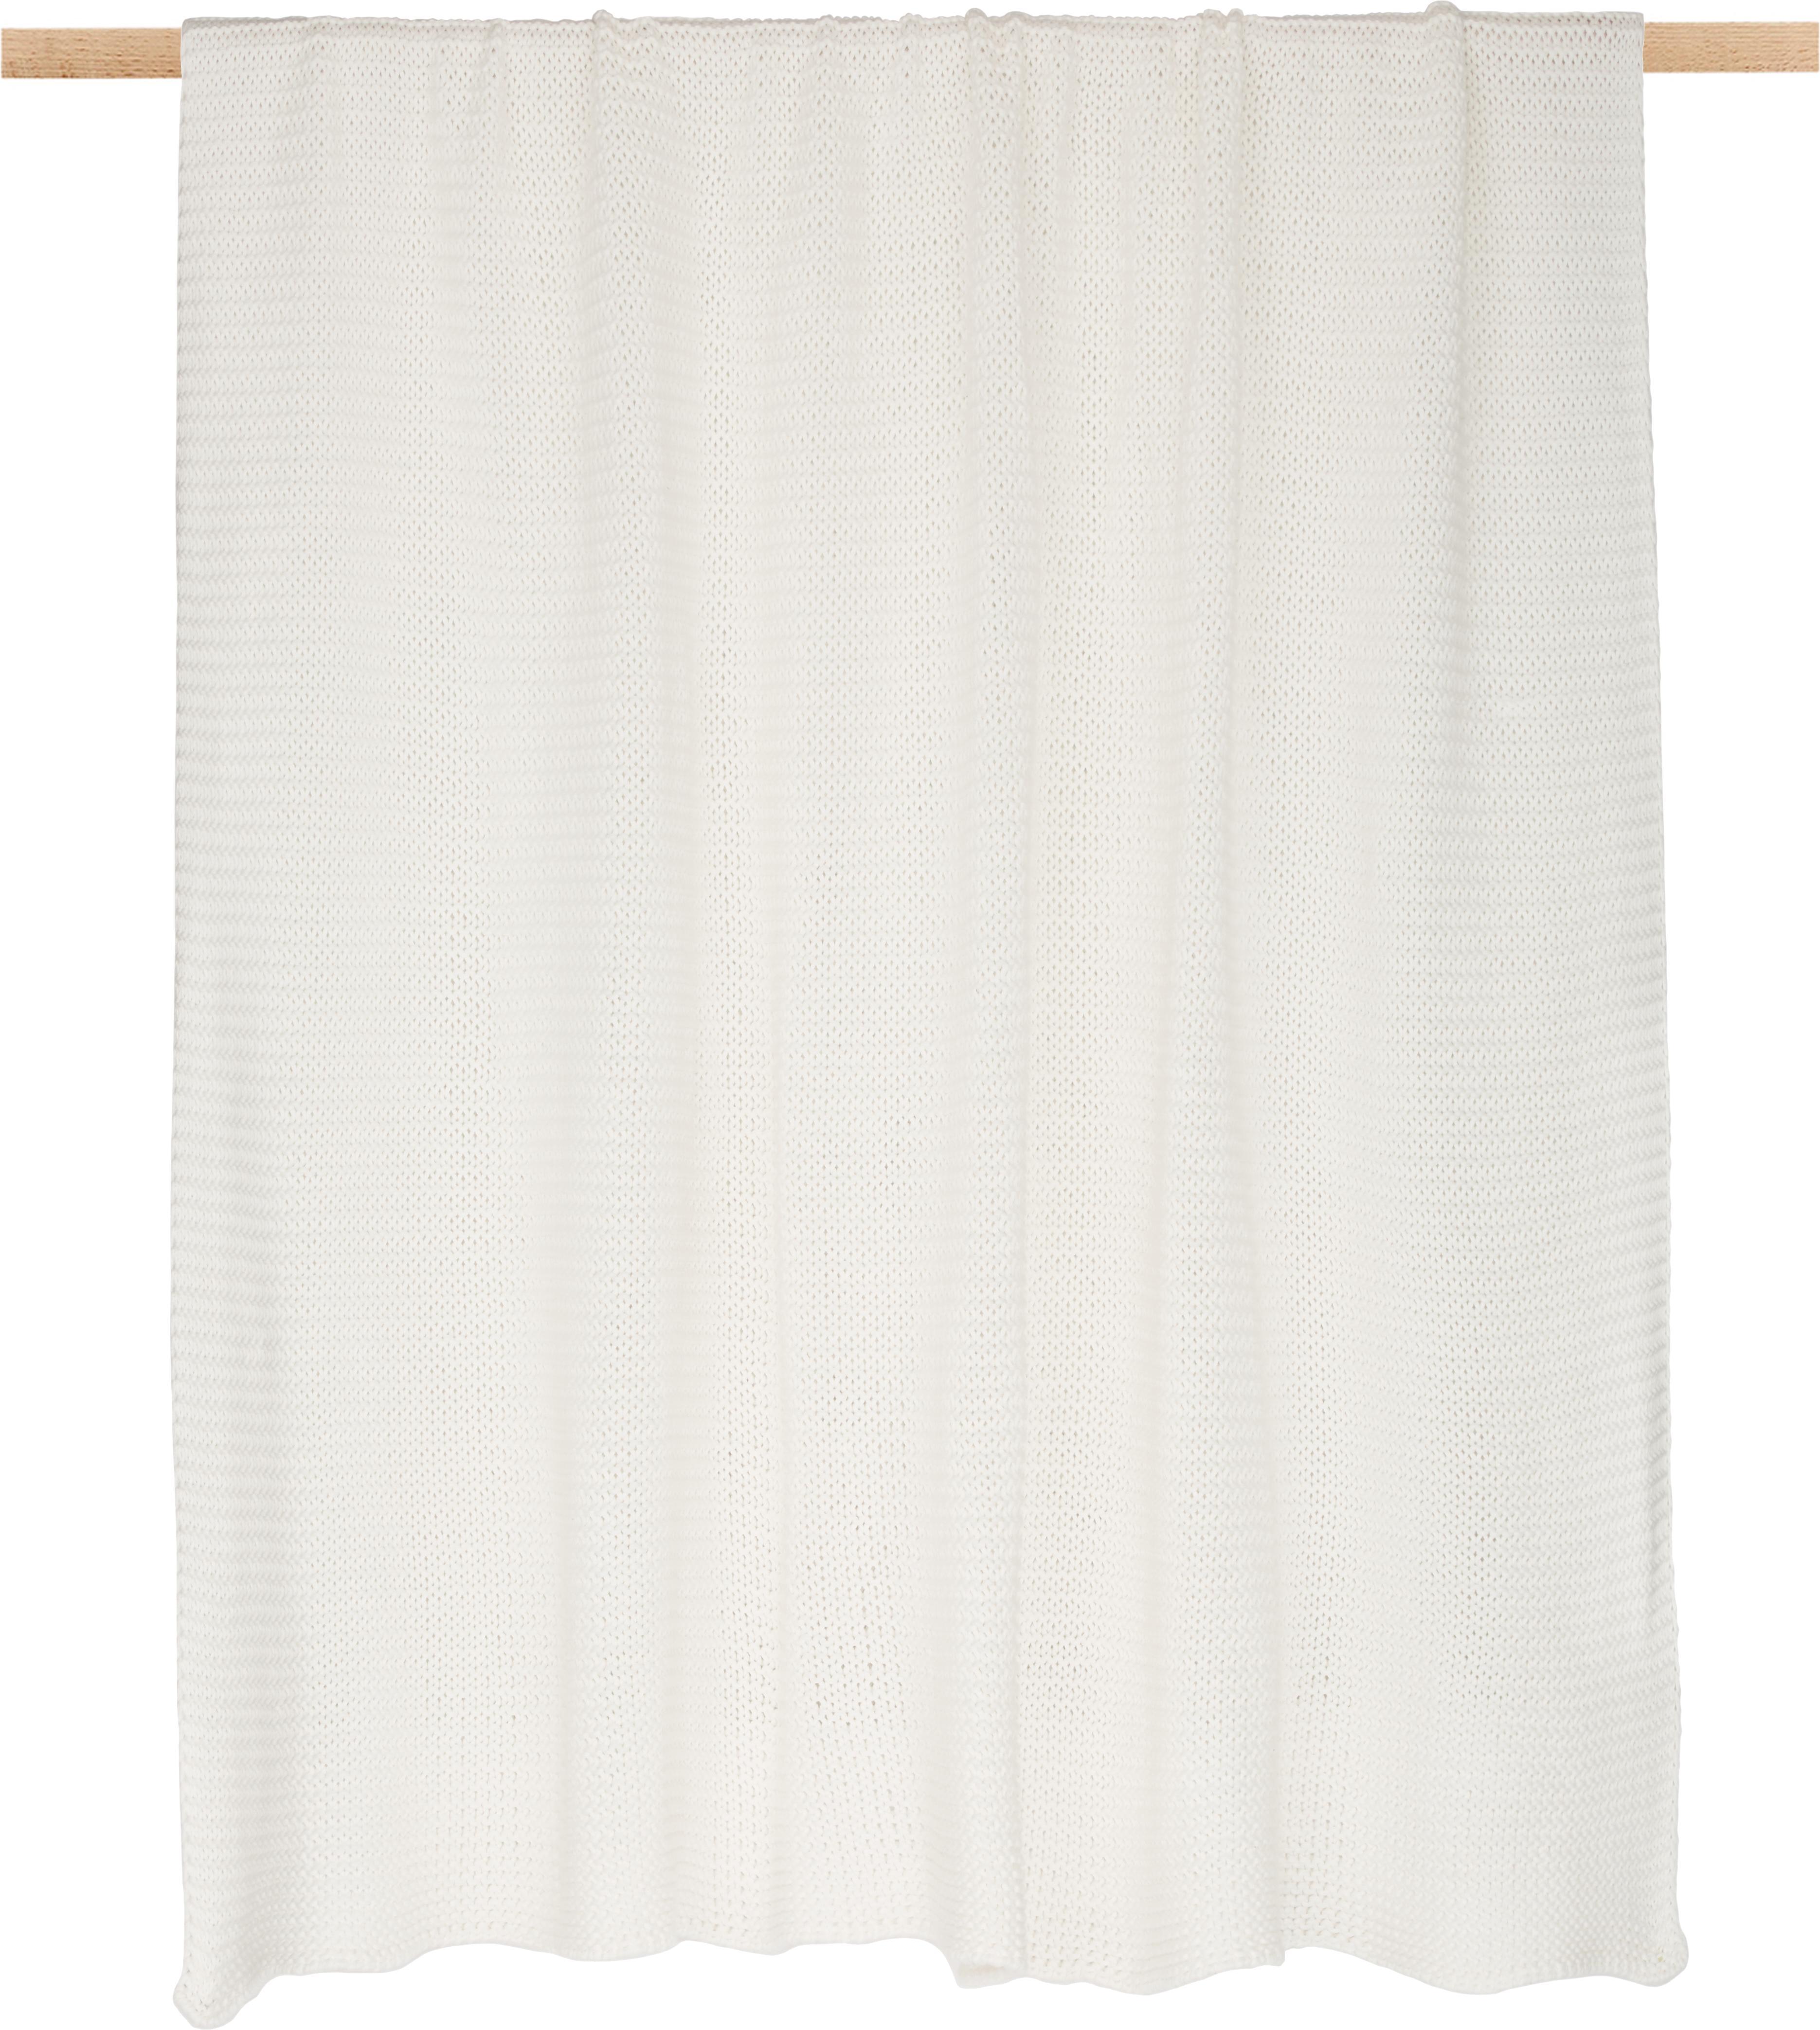 Strick-Plaid Adalyn in Naturweiss, 100% Baumwolle, Naturweiss, 150 x 200 cm